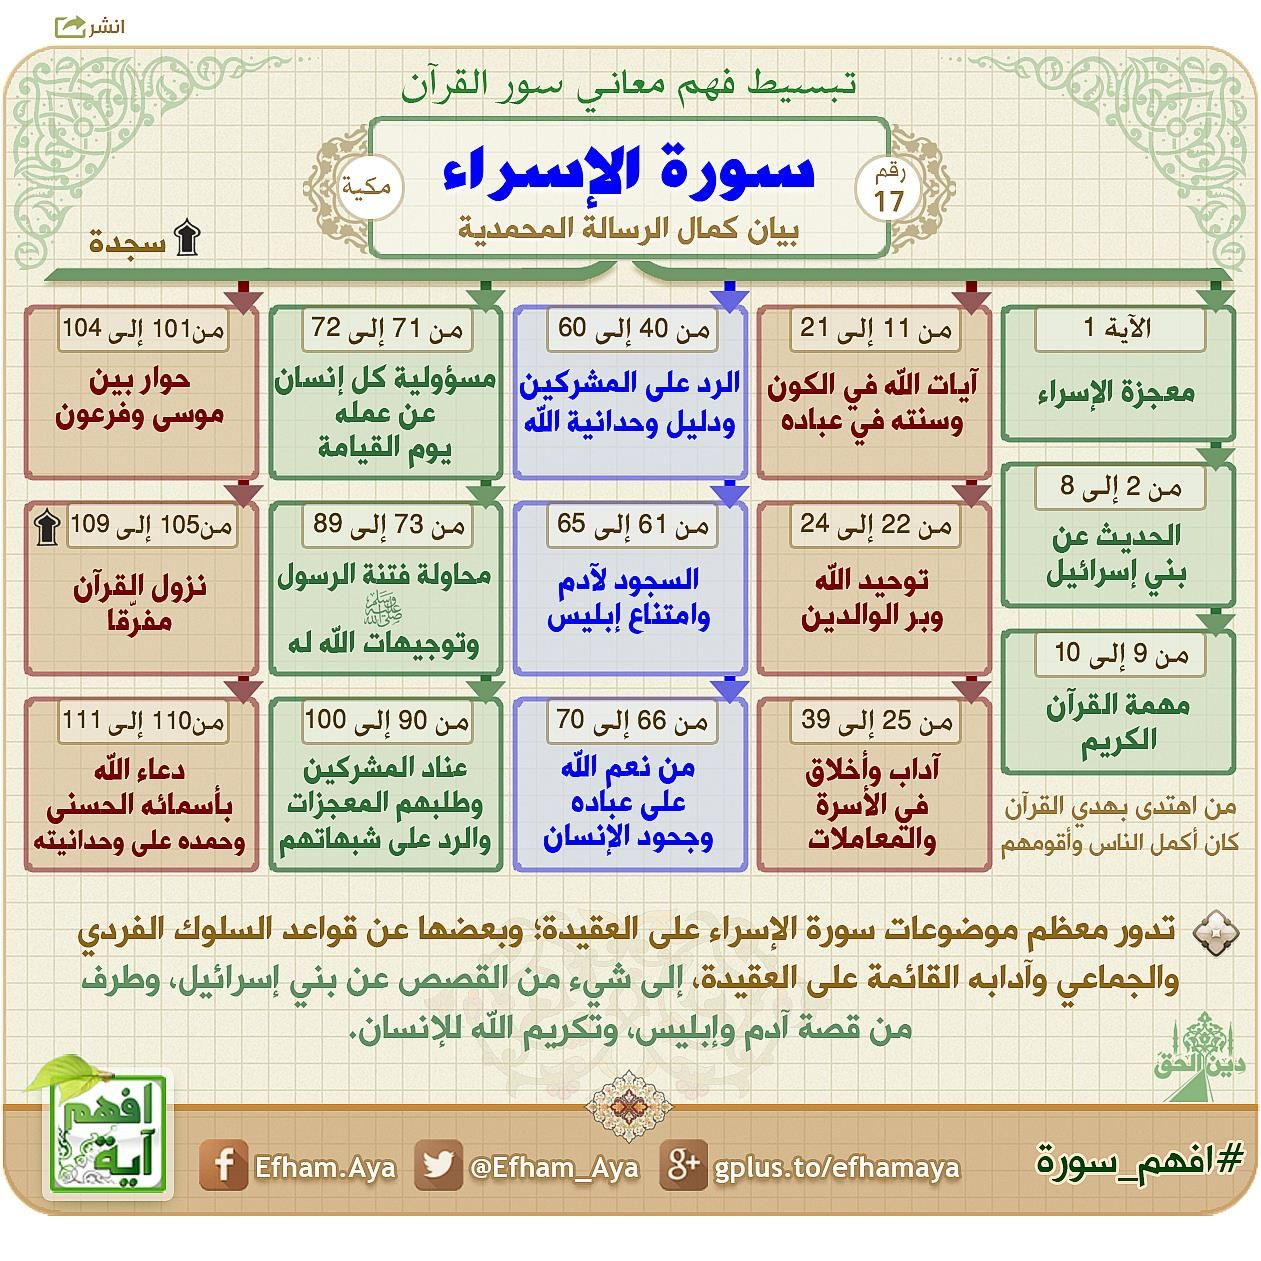 افهم آيات القرآن التفسير الميسر بتصاميم واضحة ومبسطة يسهل فهمها ونشرها بمختلف الوسائط Quran Tafseer Quran Book Islam Beliefs